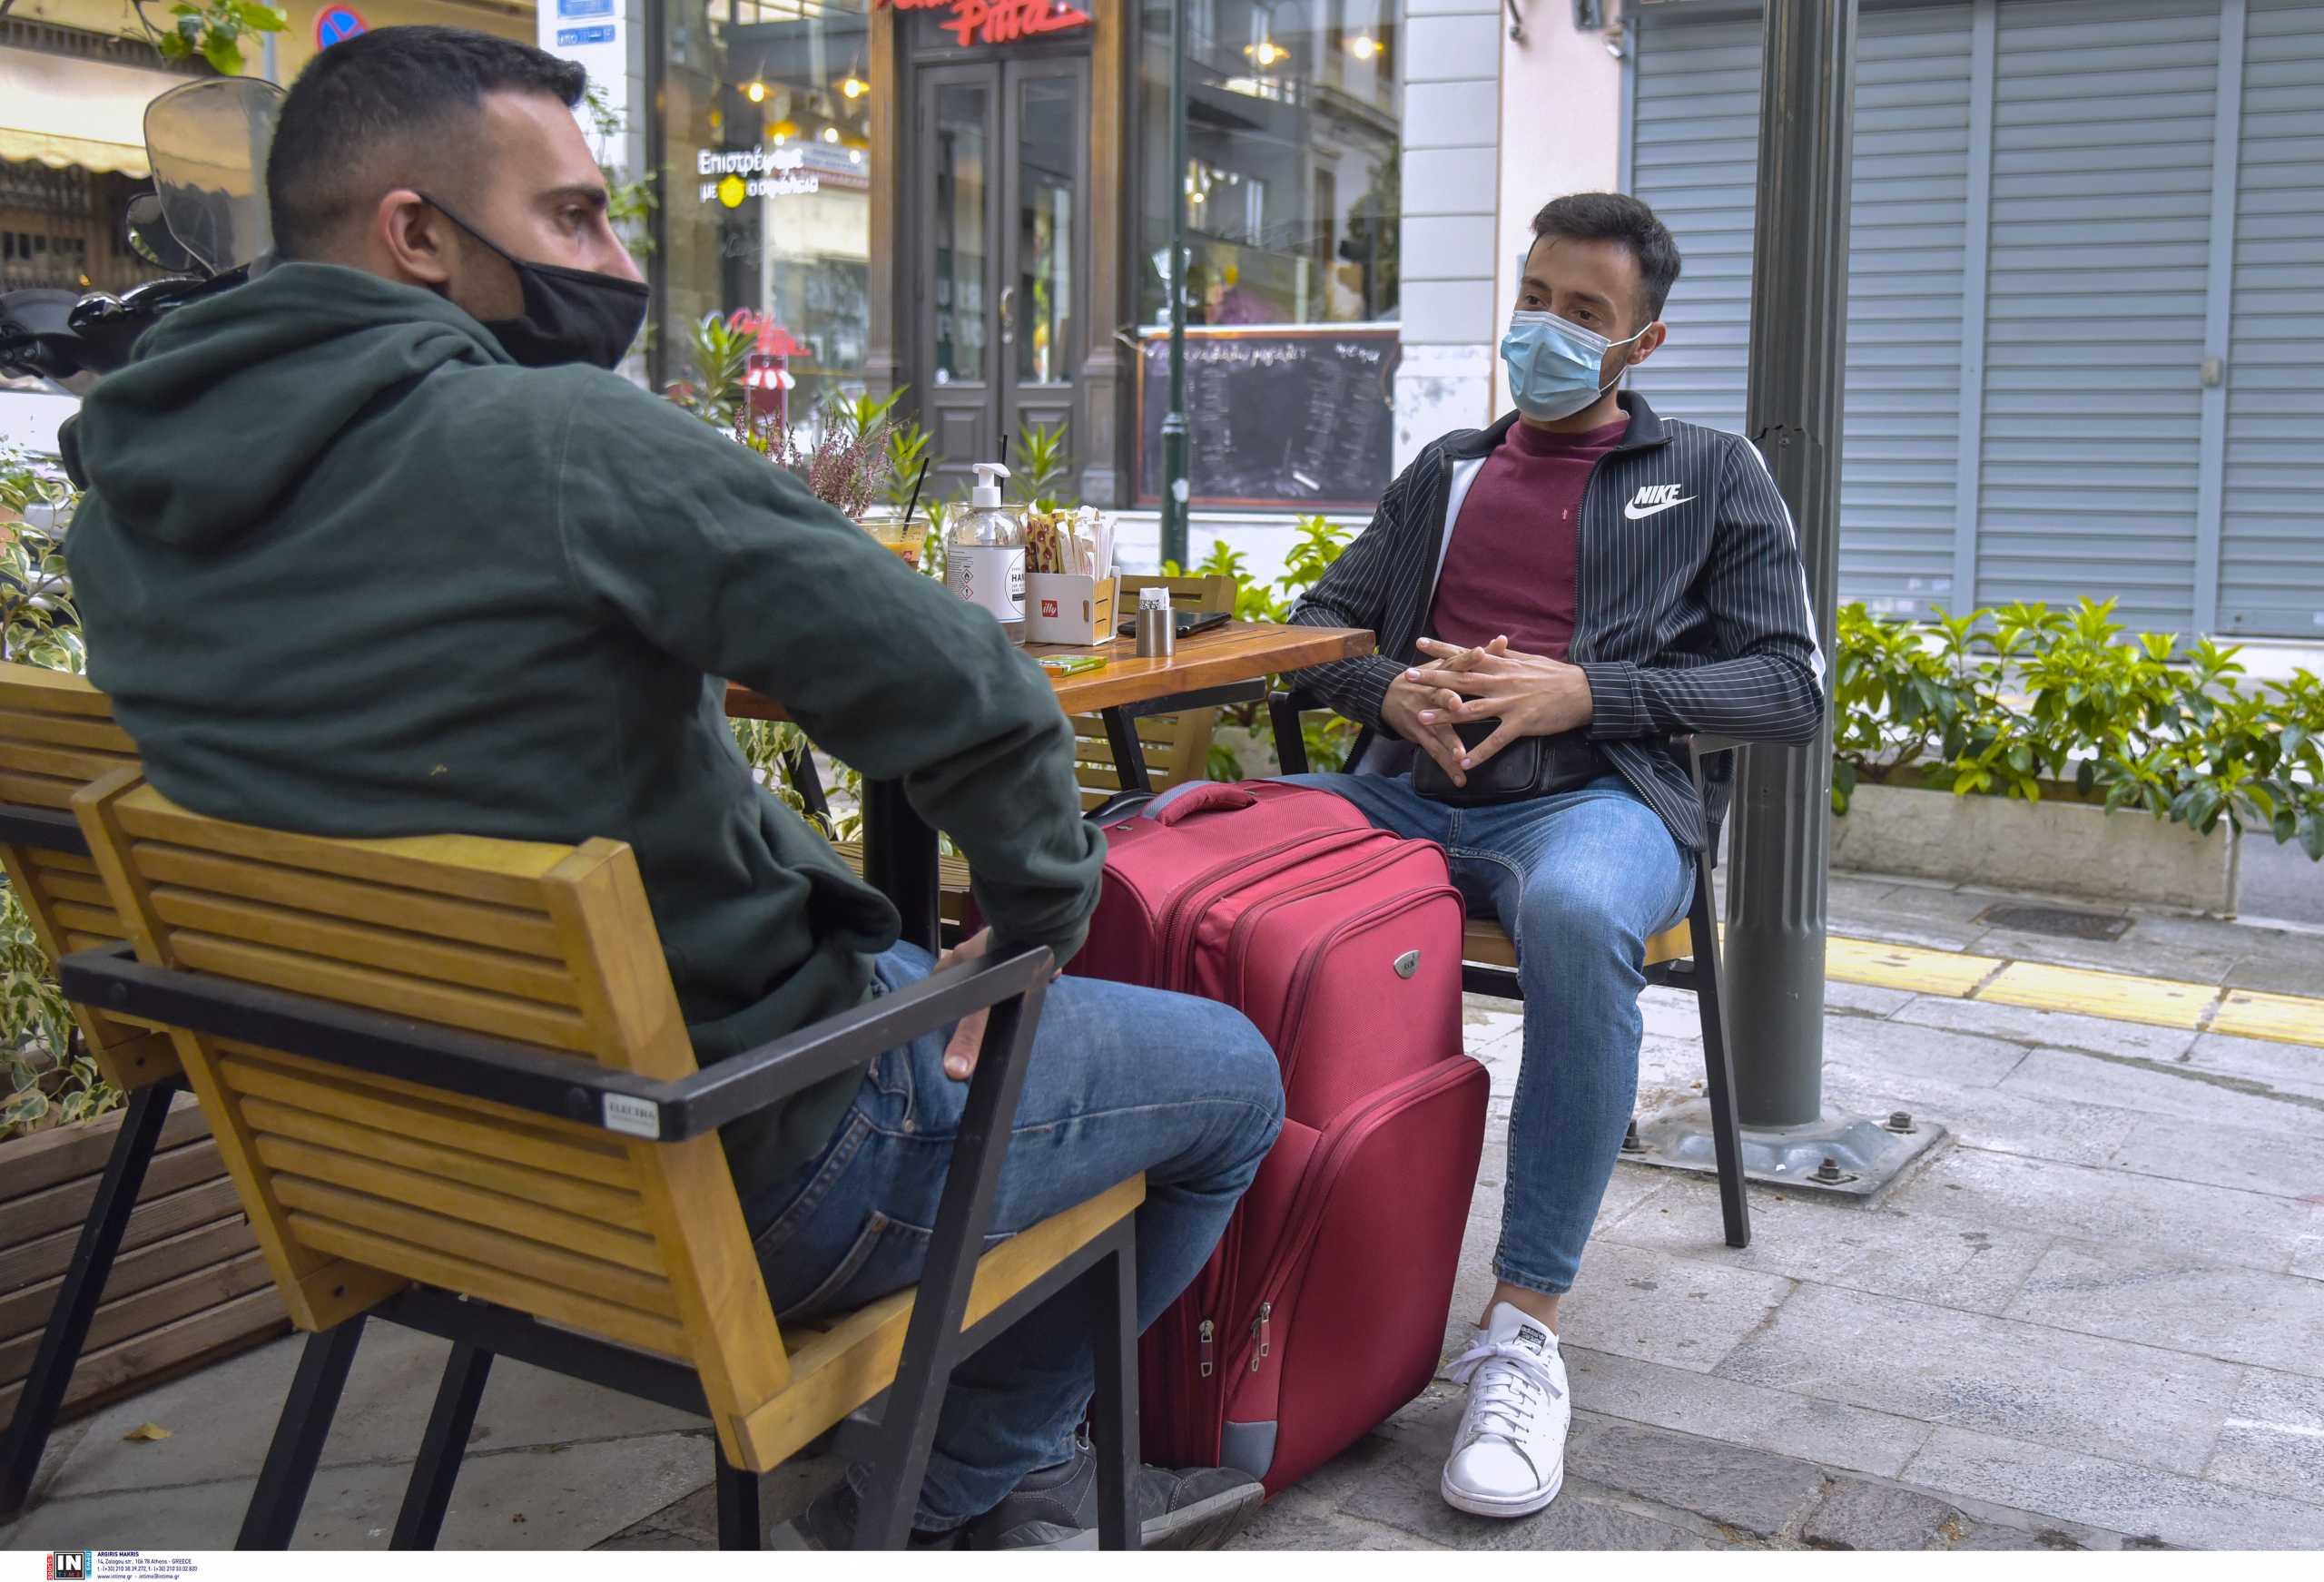 Θεσσαλονίκη – Εστίαση: Αισιοδοξία αλλά και μαύρα σύννεφα – Το άνοιγμα και τα «αγκάθια» (video)